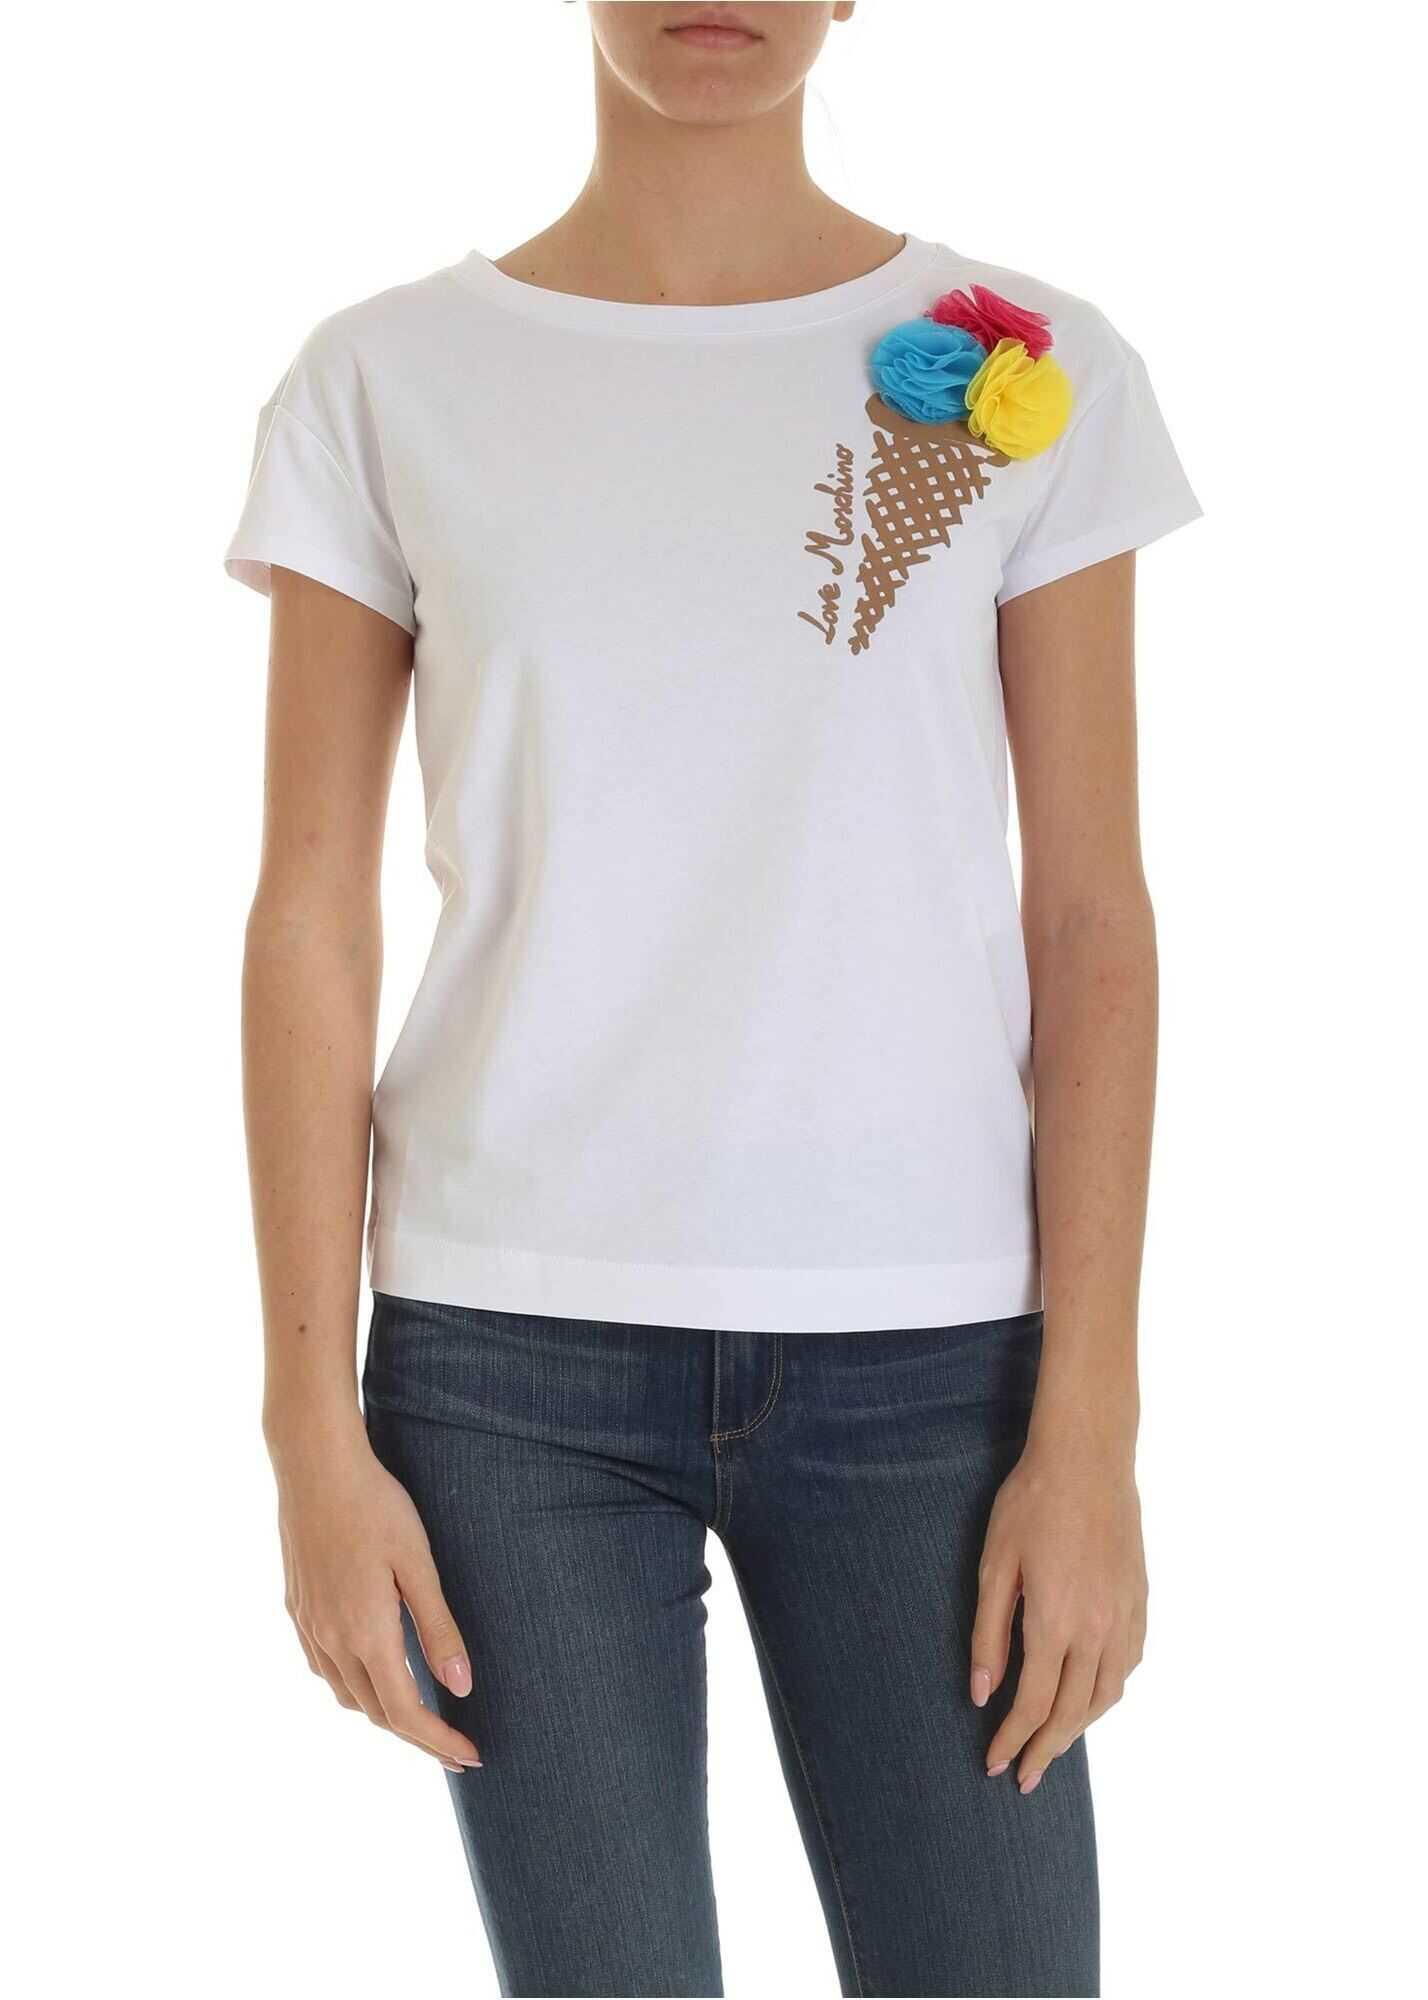 LOVE Moschino Ice Cream Print T-Shirt In White White